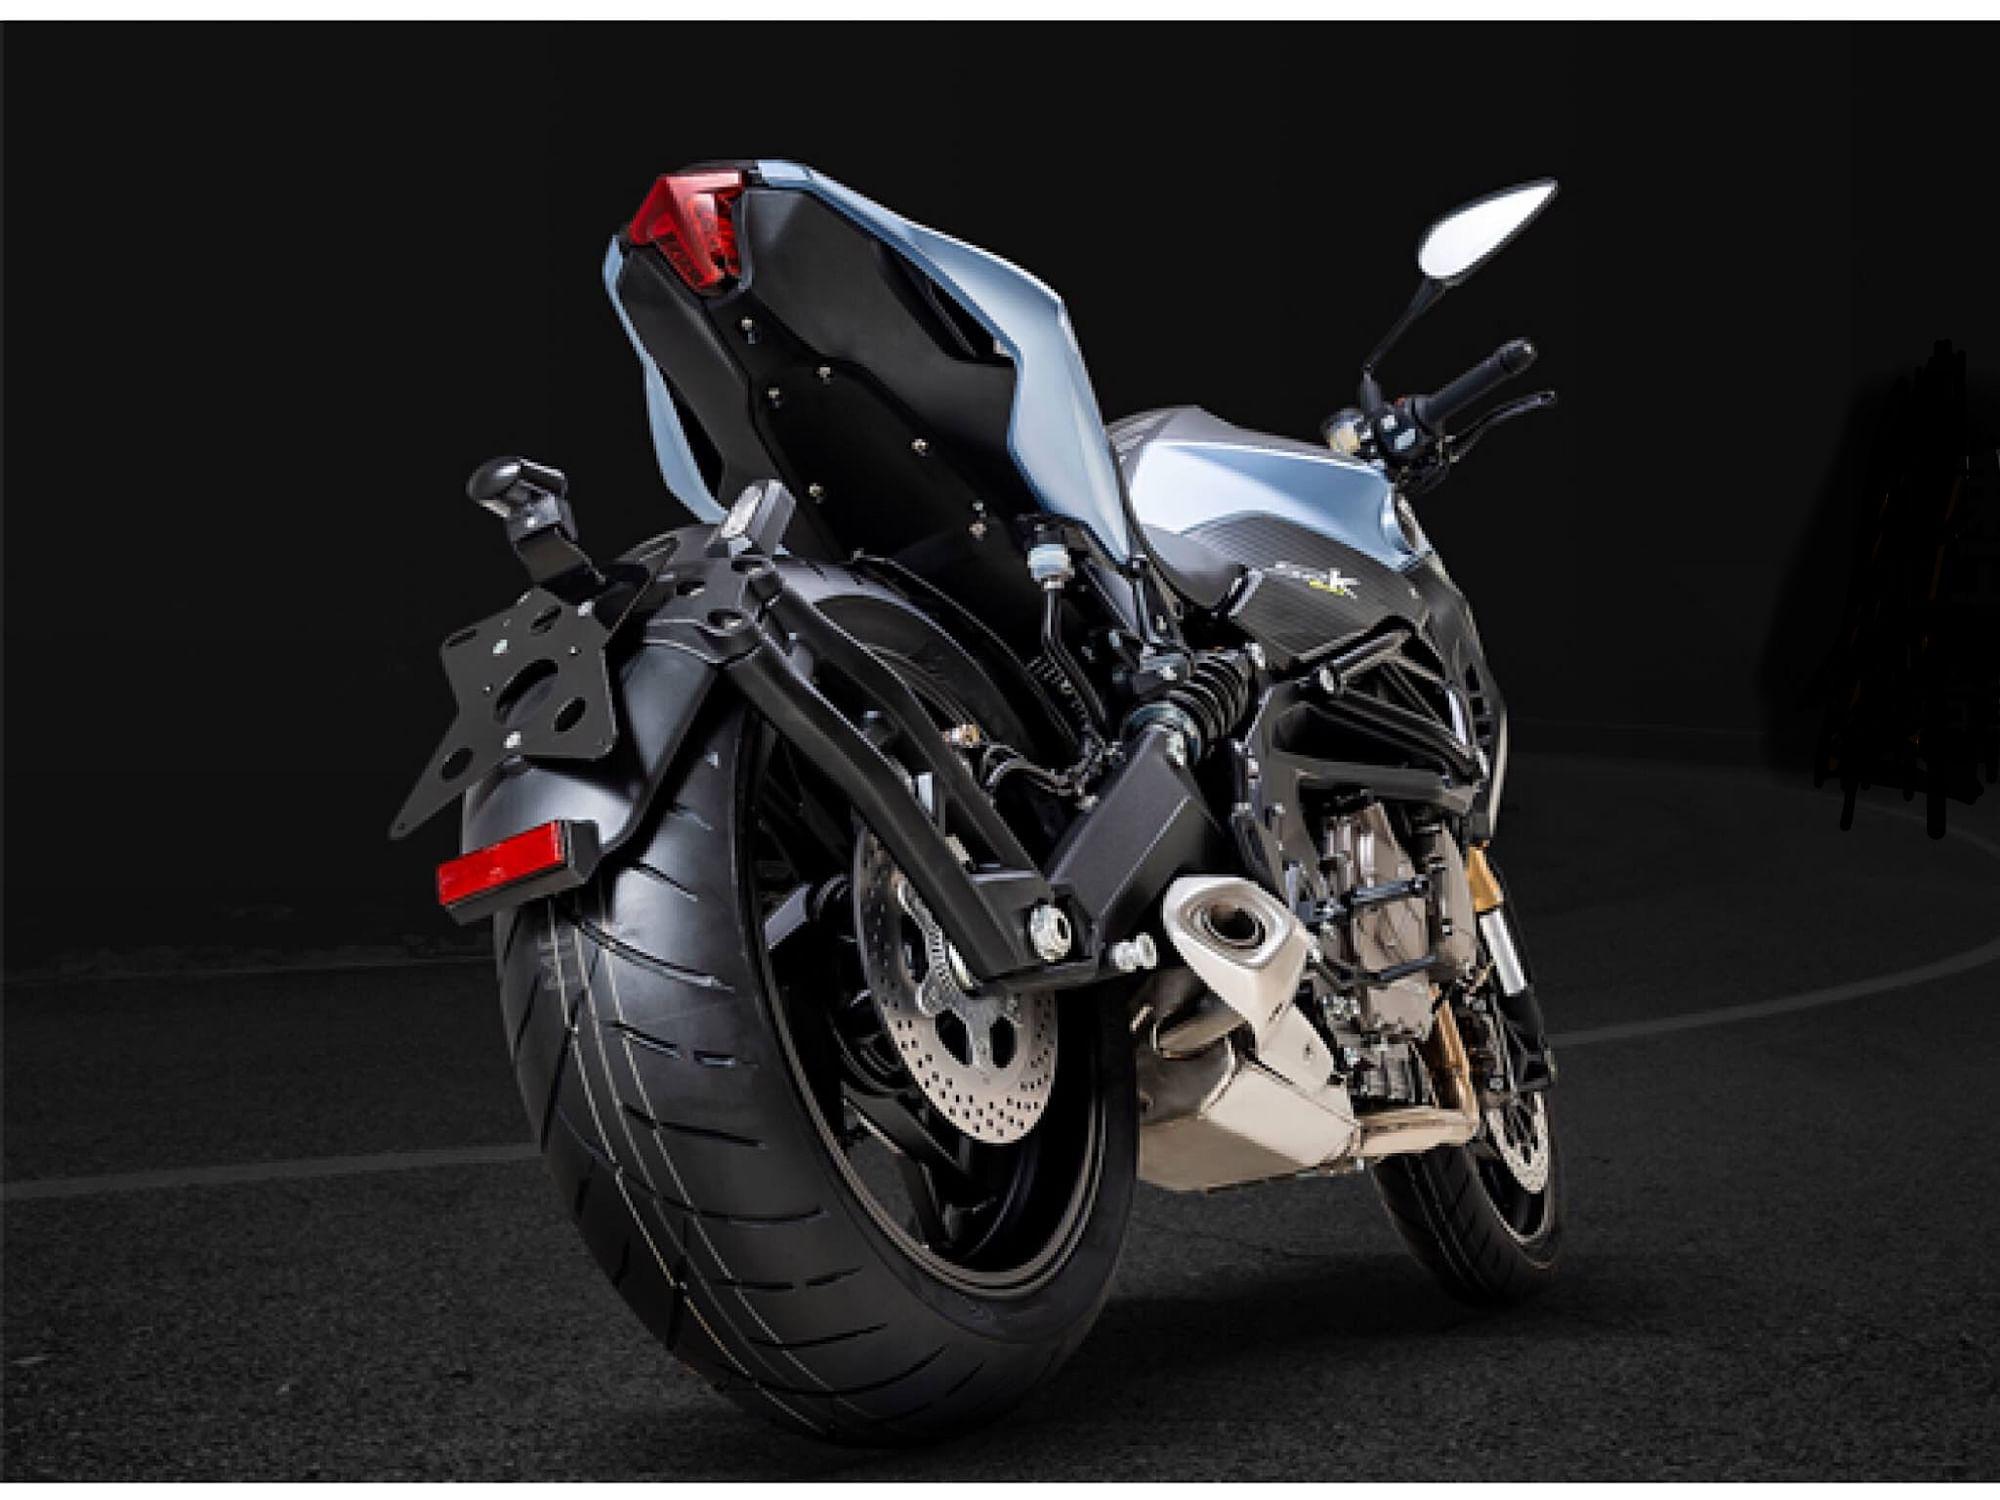 New benelli 600RR fully faierd sports bike - Specification